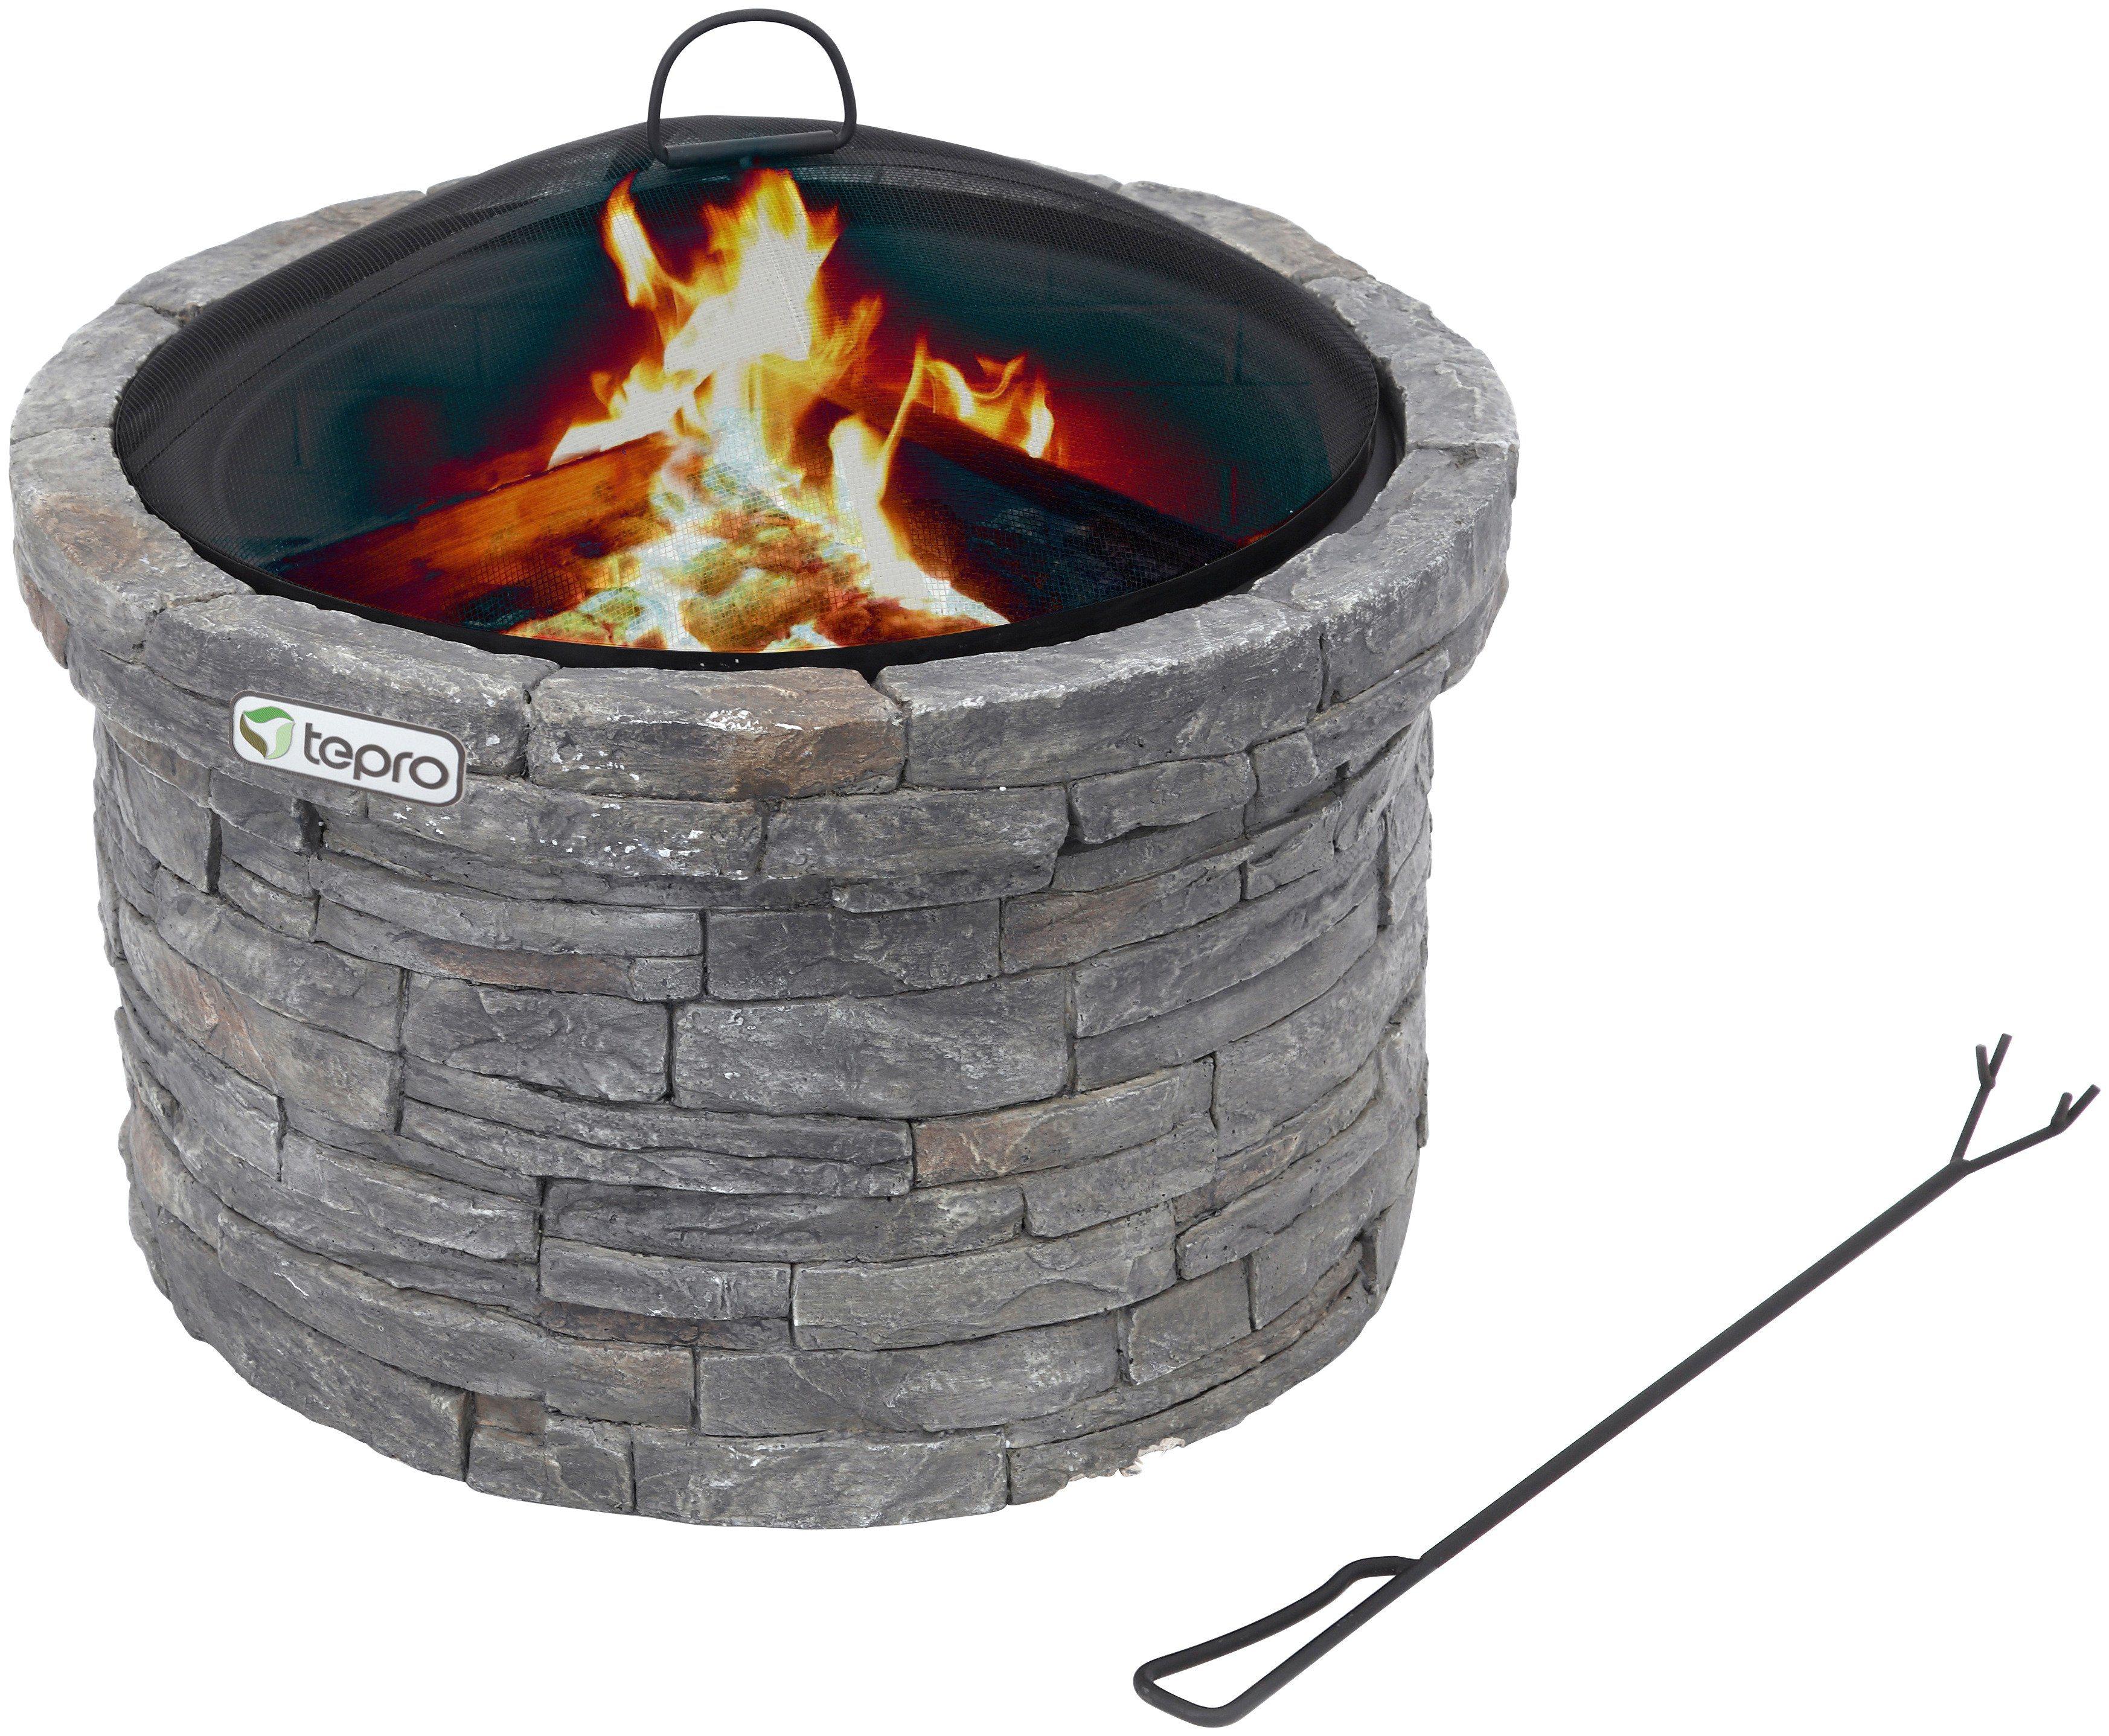 Tepro Feuerstelle »Gladstone« | Garten > Grill und Zubehör > Feürstellen | Tepro